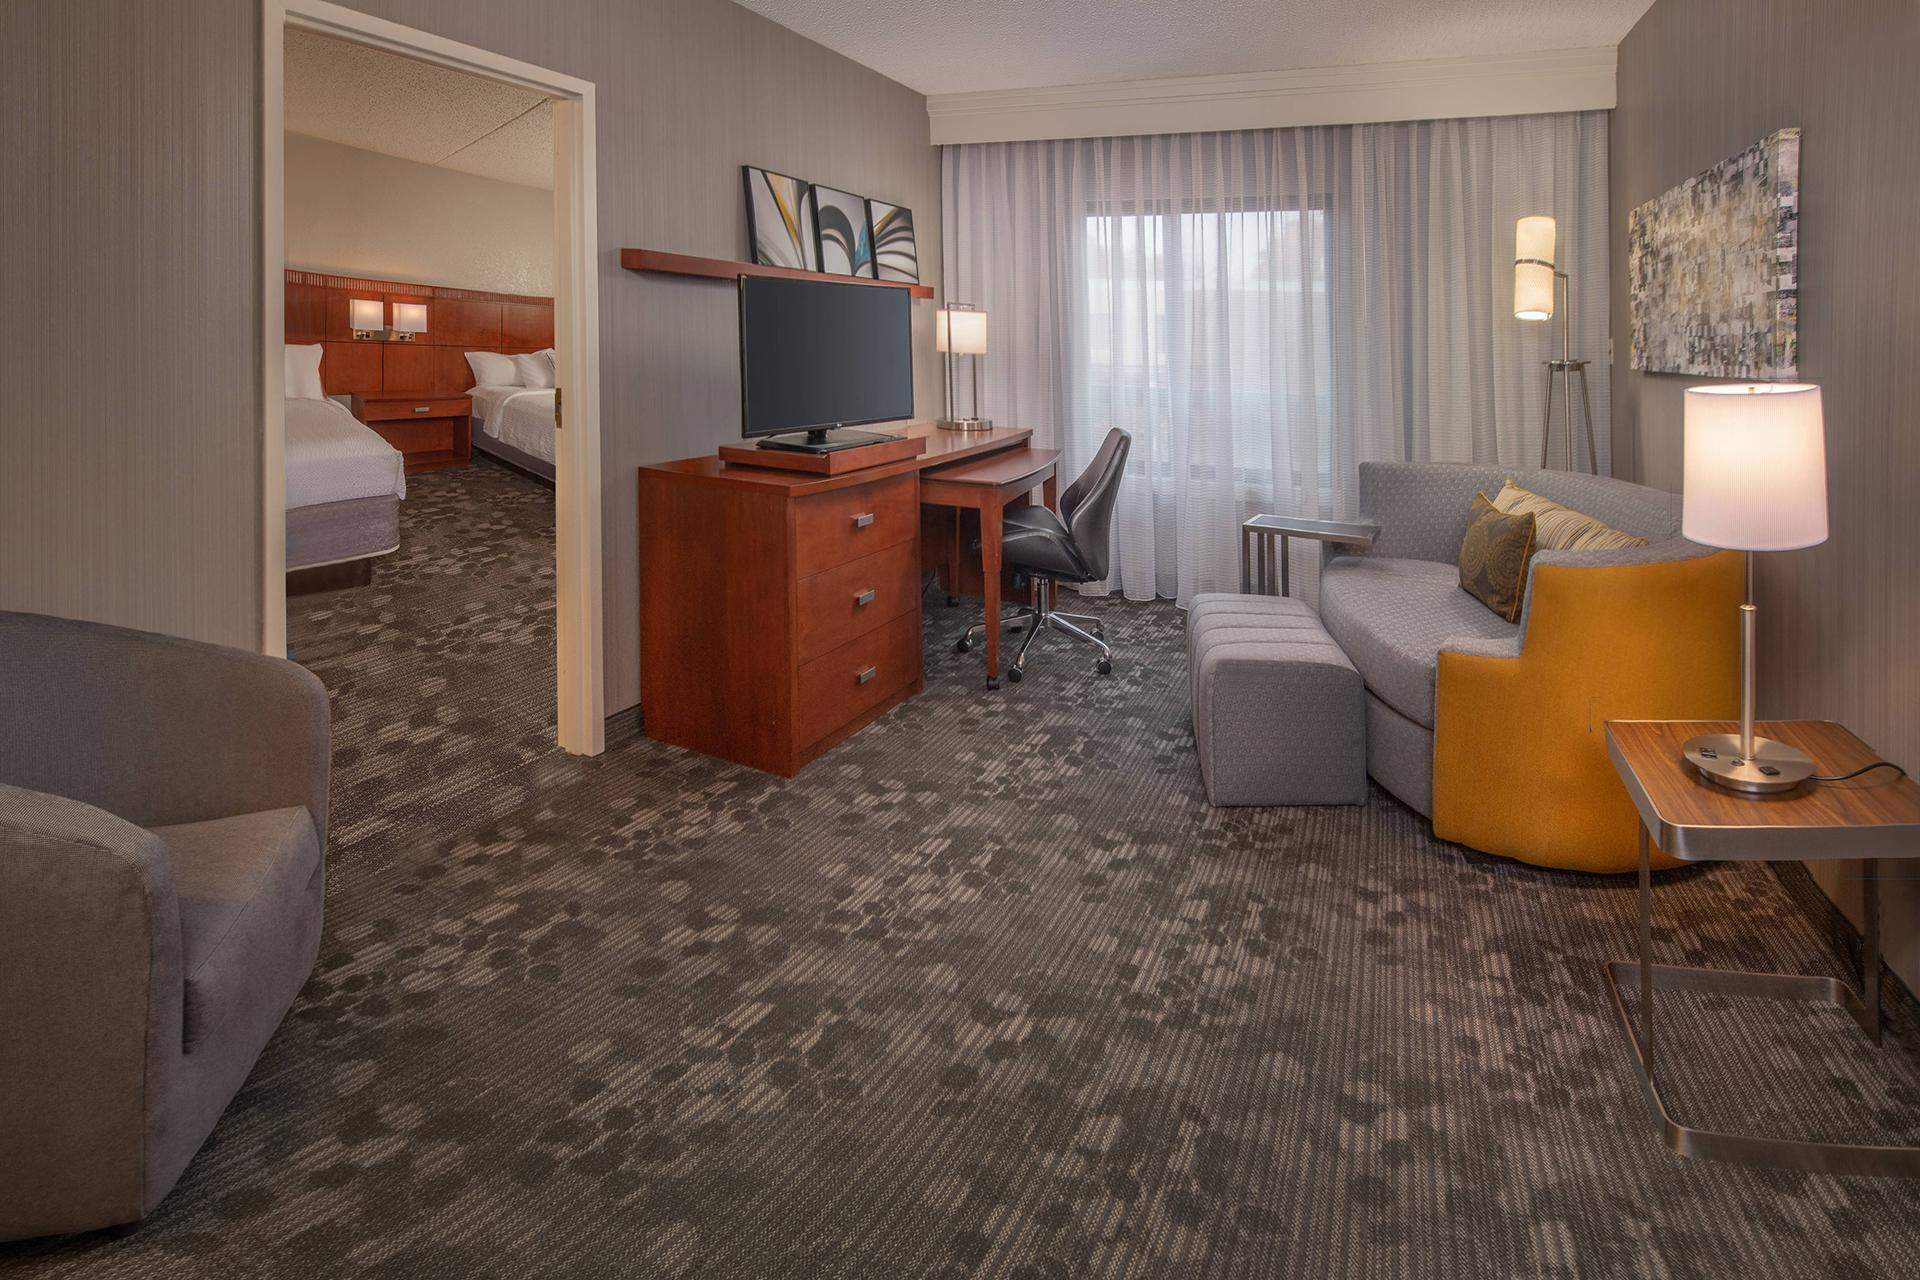 Sonesta Select Newark Suite Guest Room